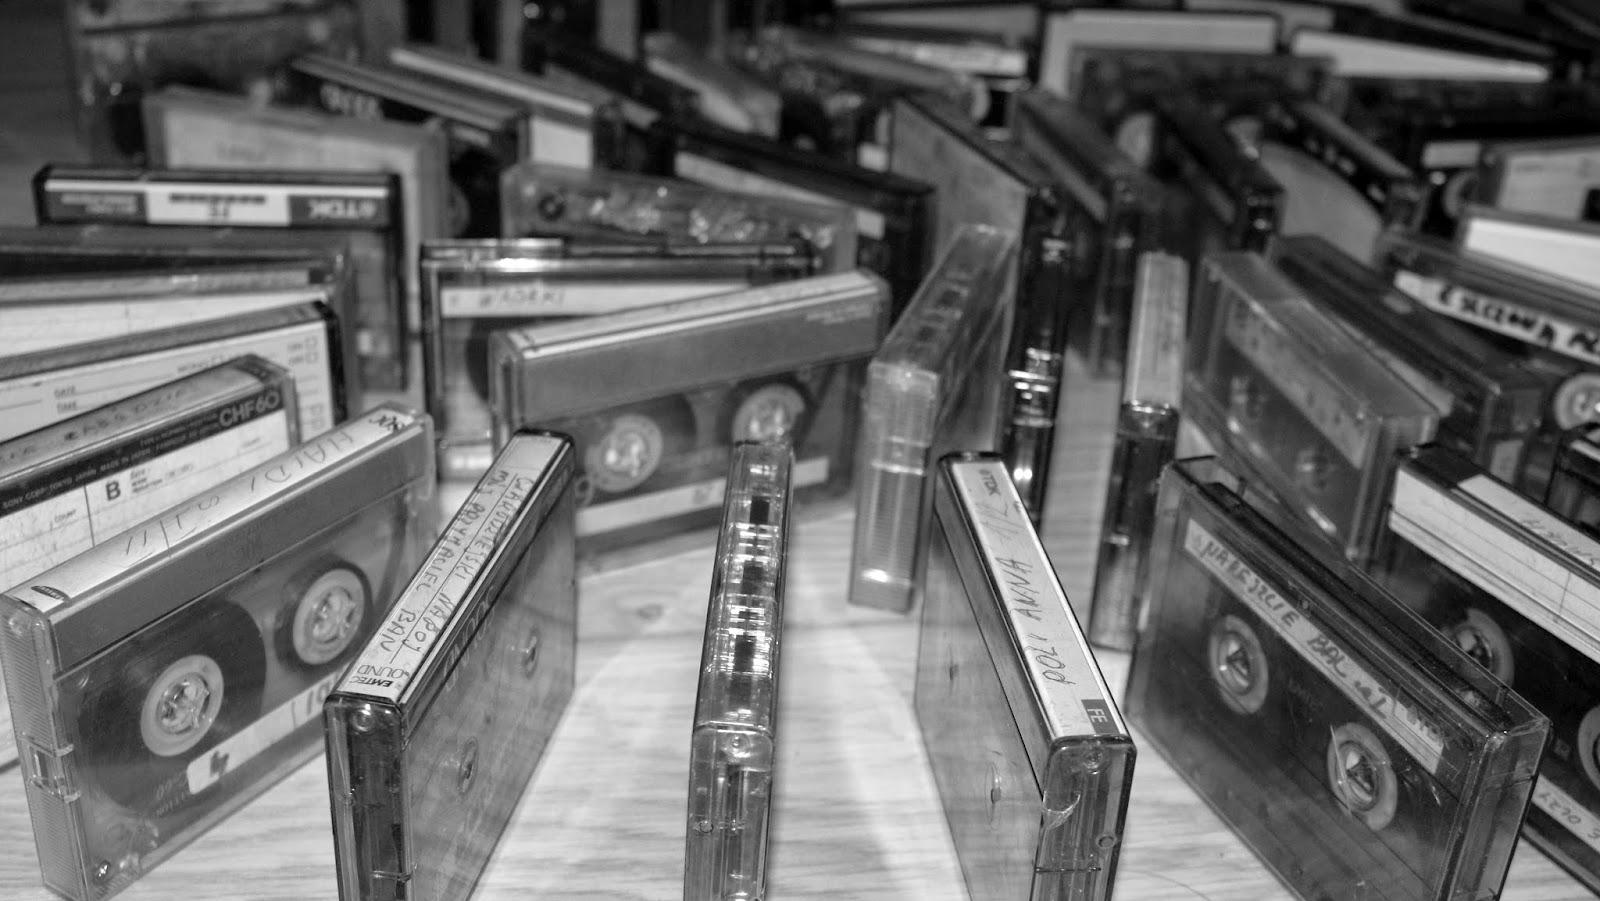 kasety magnetofonowe słuchowiska radiowe Radio Dzieciom